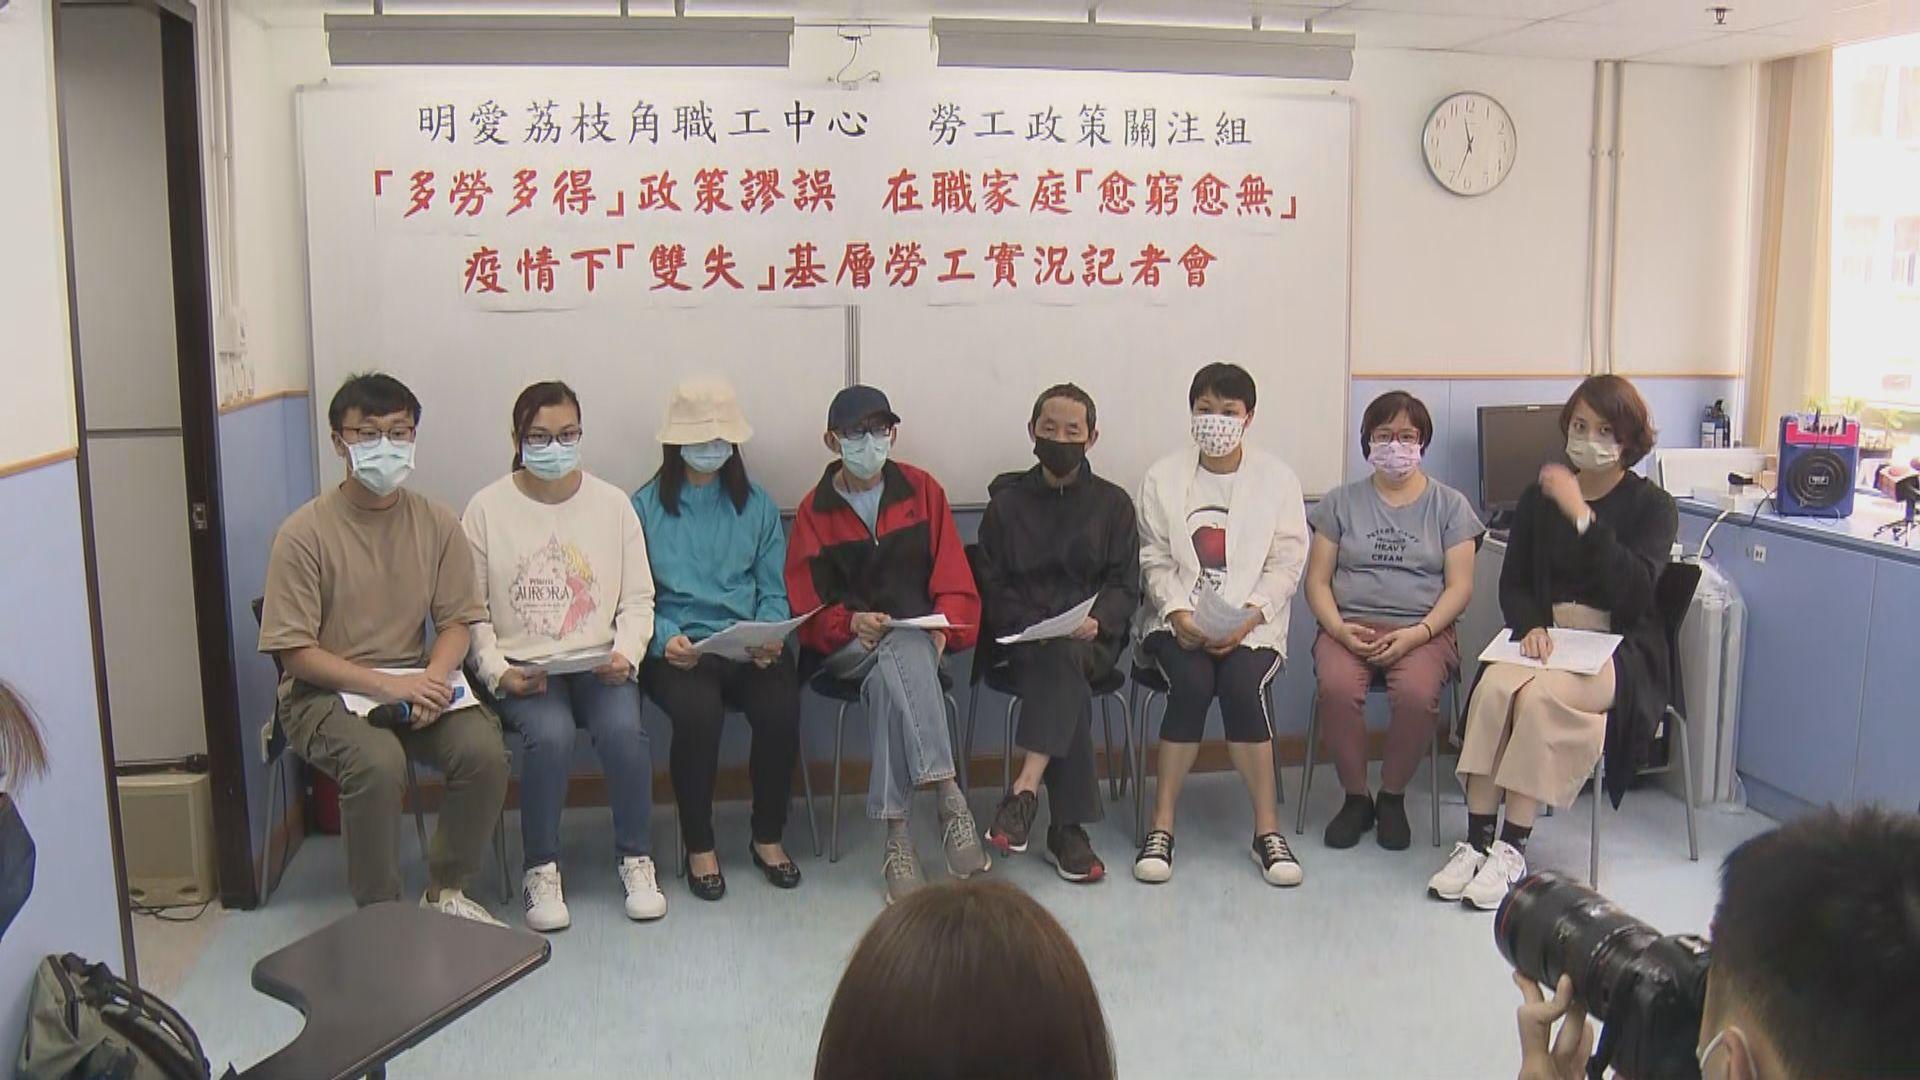 團體促請政府取消職津工時要求幫助開工不足僱員